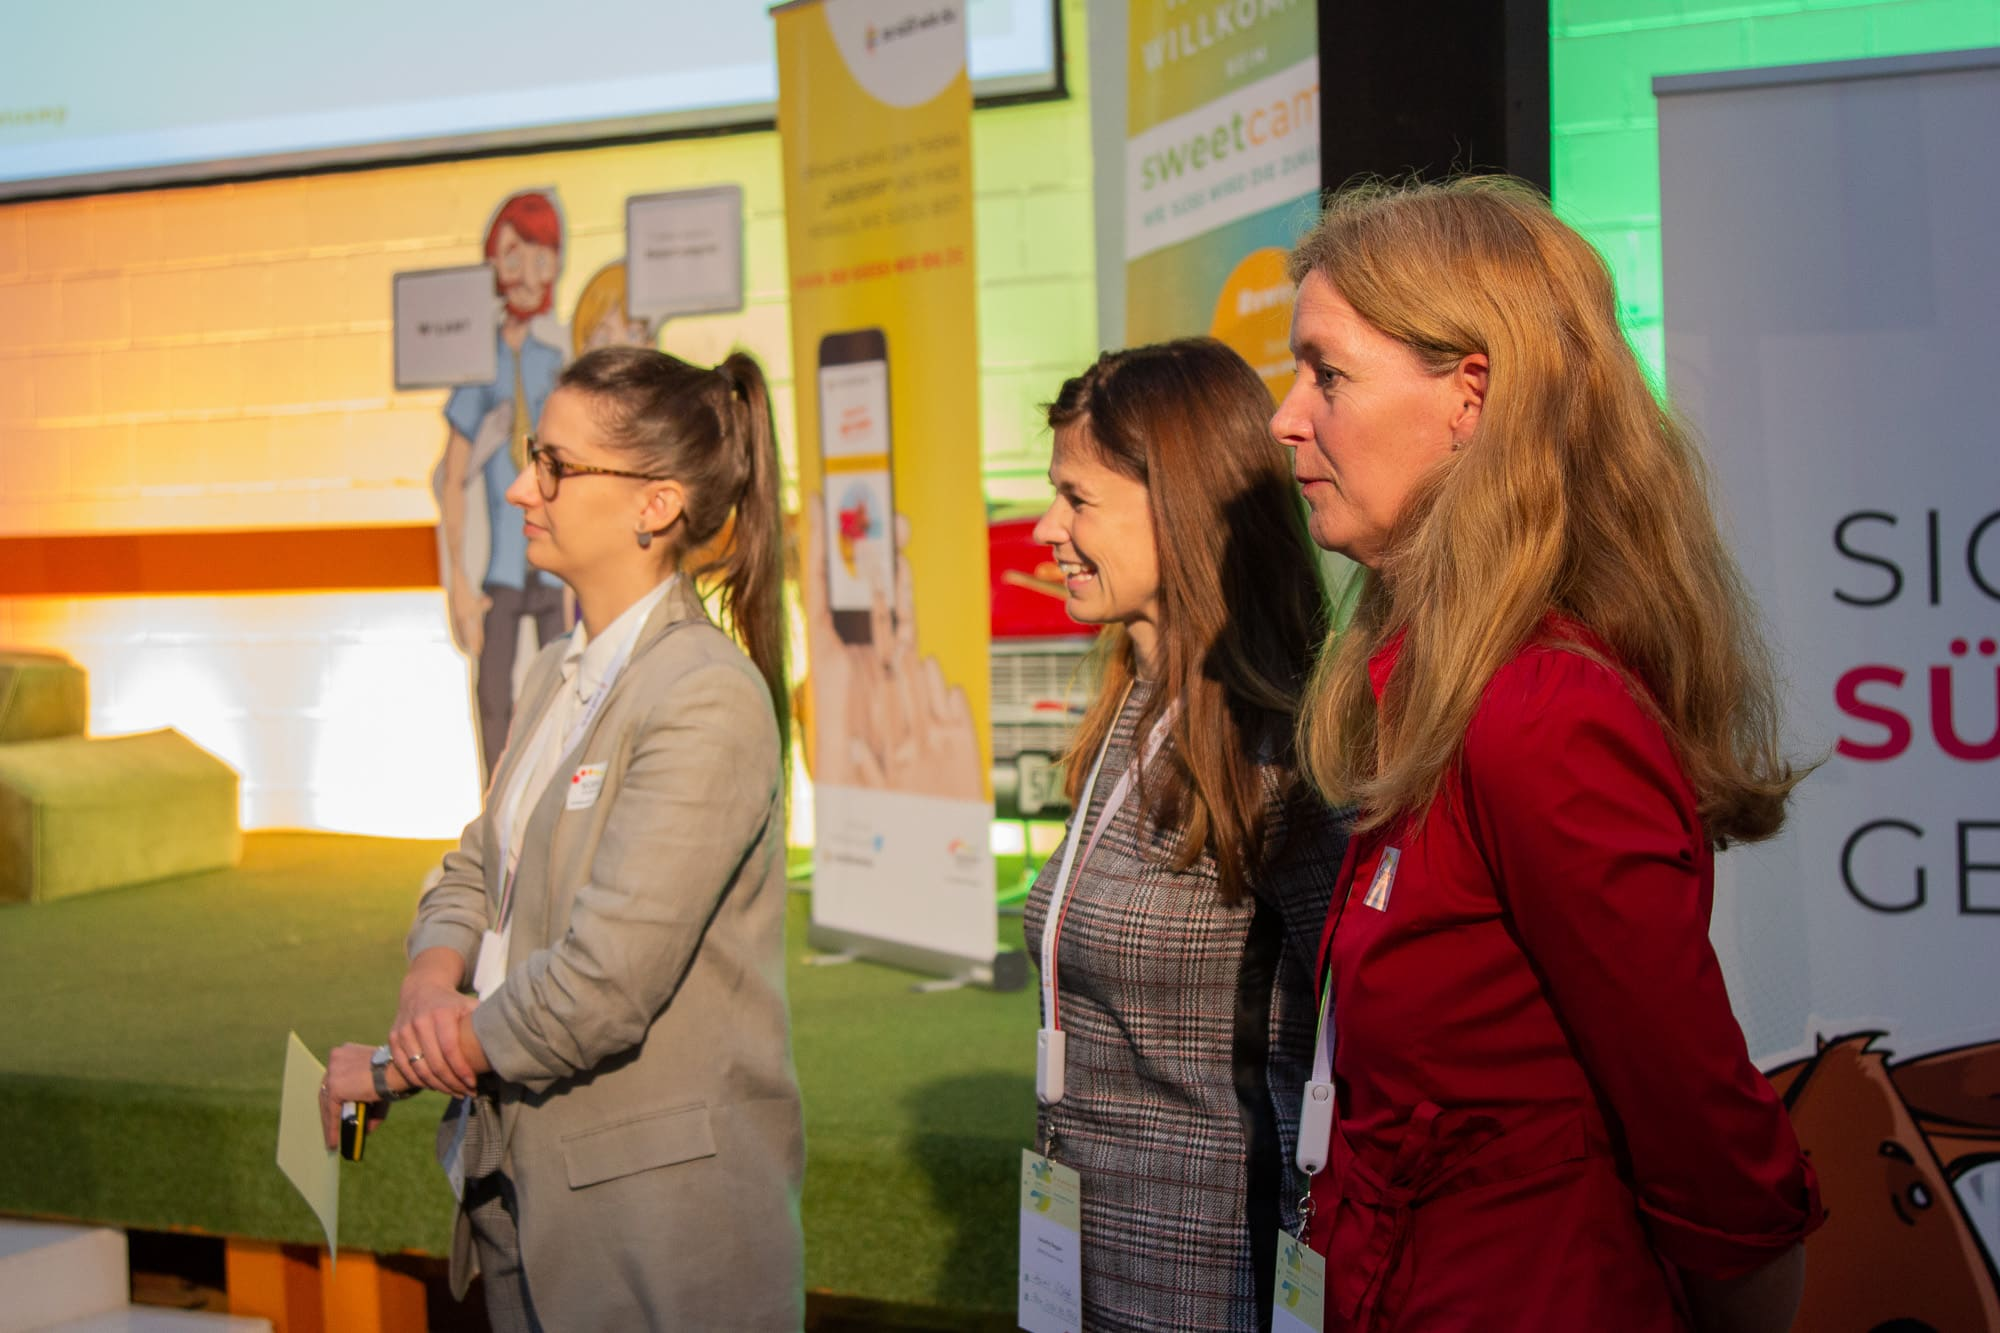 Sara Hoyer von rheinland relations beim Sweetcamp des Süßstoff-Verband, Eventmanagement